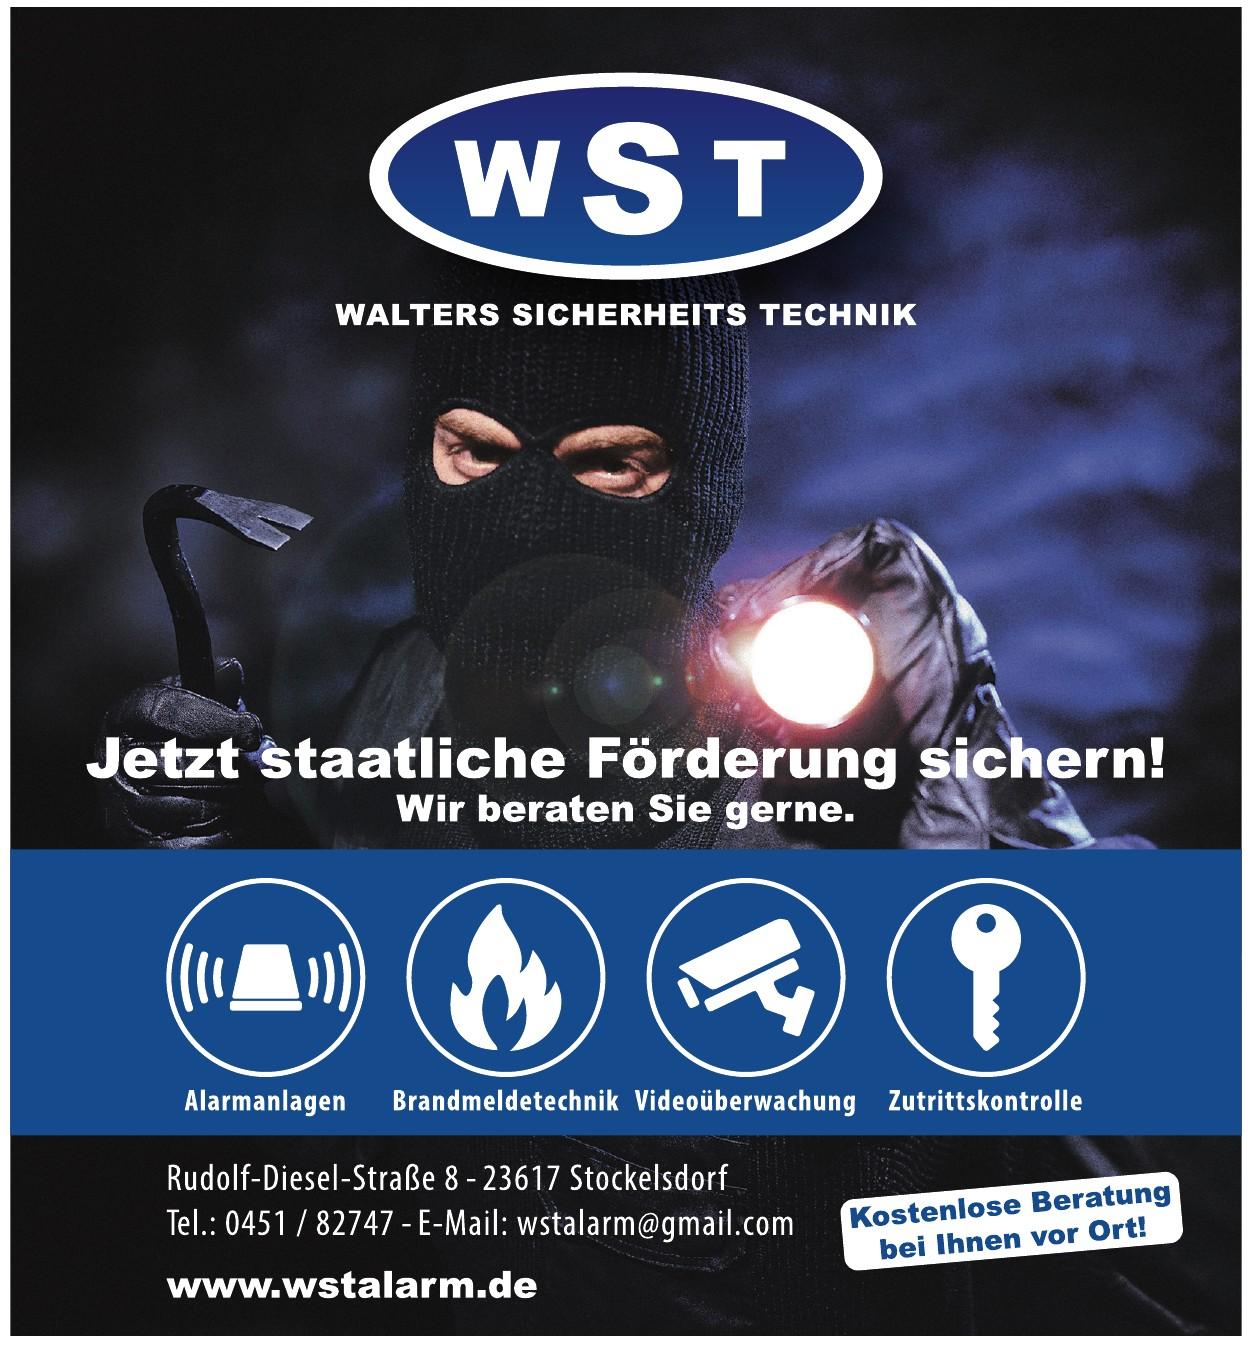 WST – Walters Sicherheits Technik